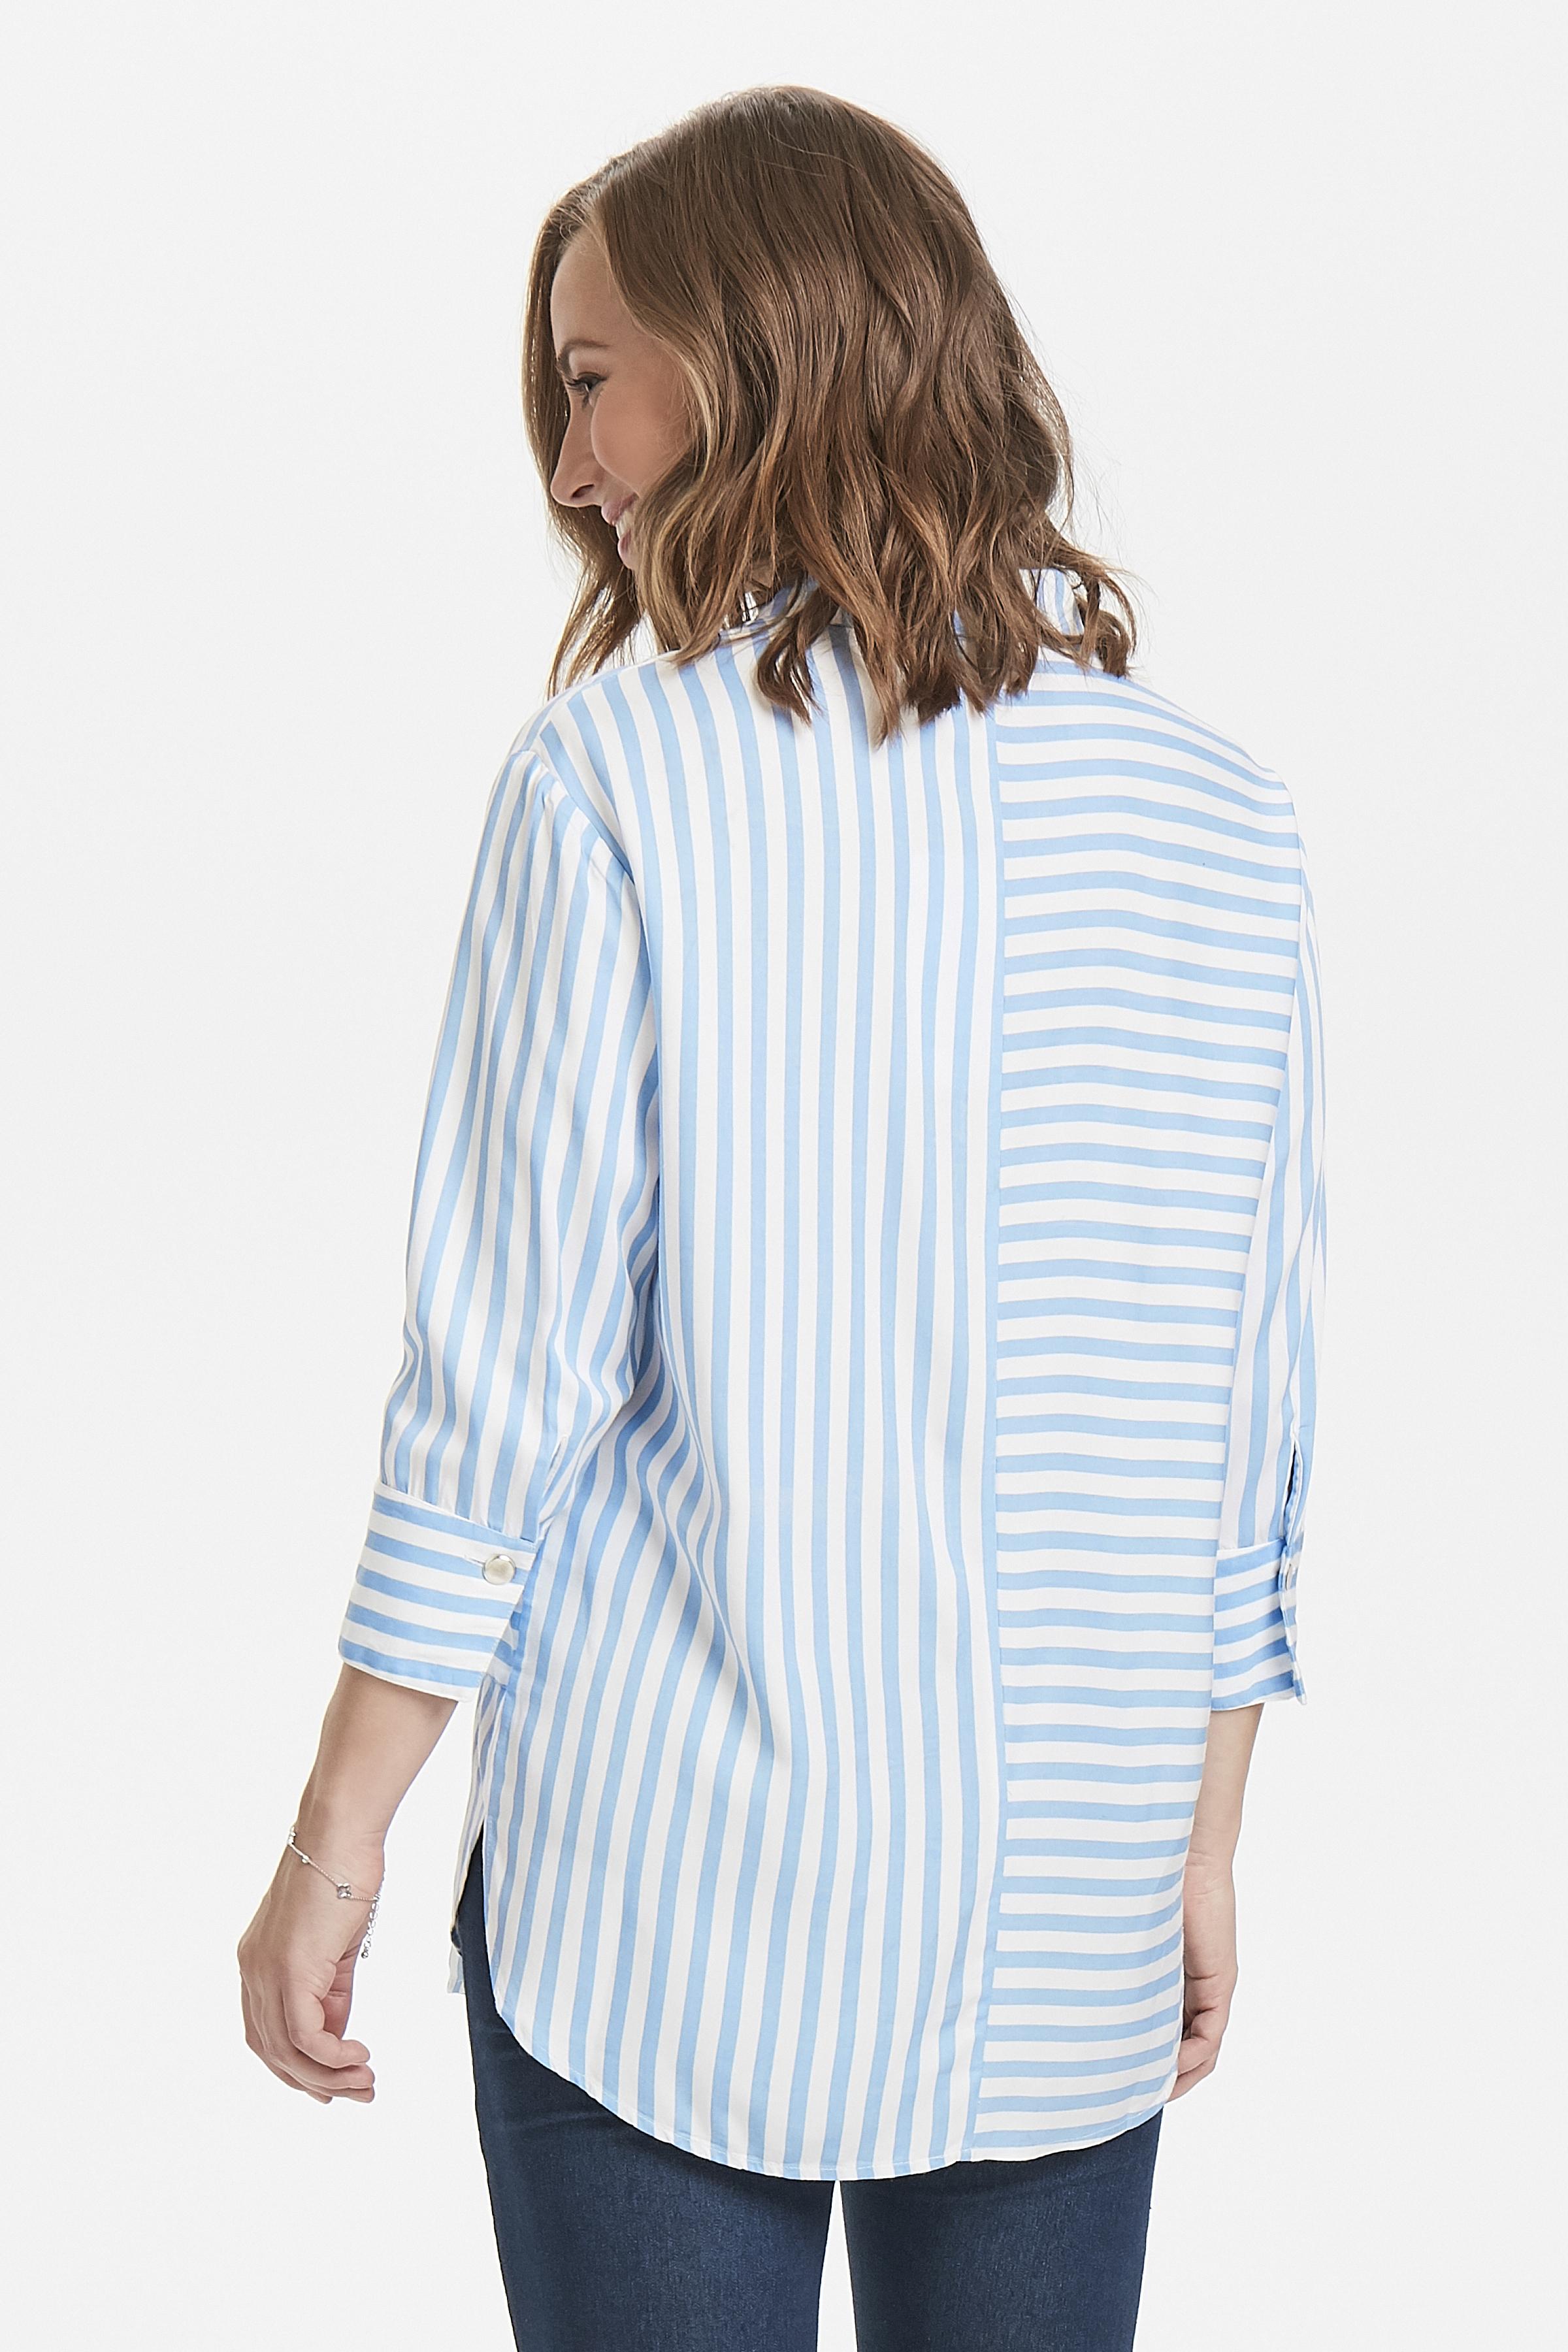 Weiß/hellblau Langarm - Hemd von Fransa – Shoppen Sie Weiß/hellblau Langarm - Hemd ab Gr. XS-XXL hier